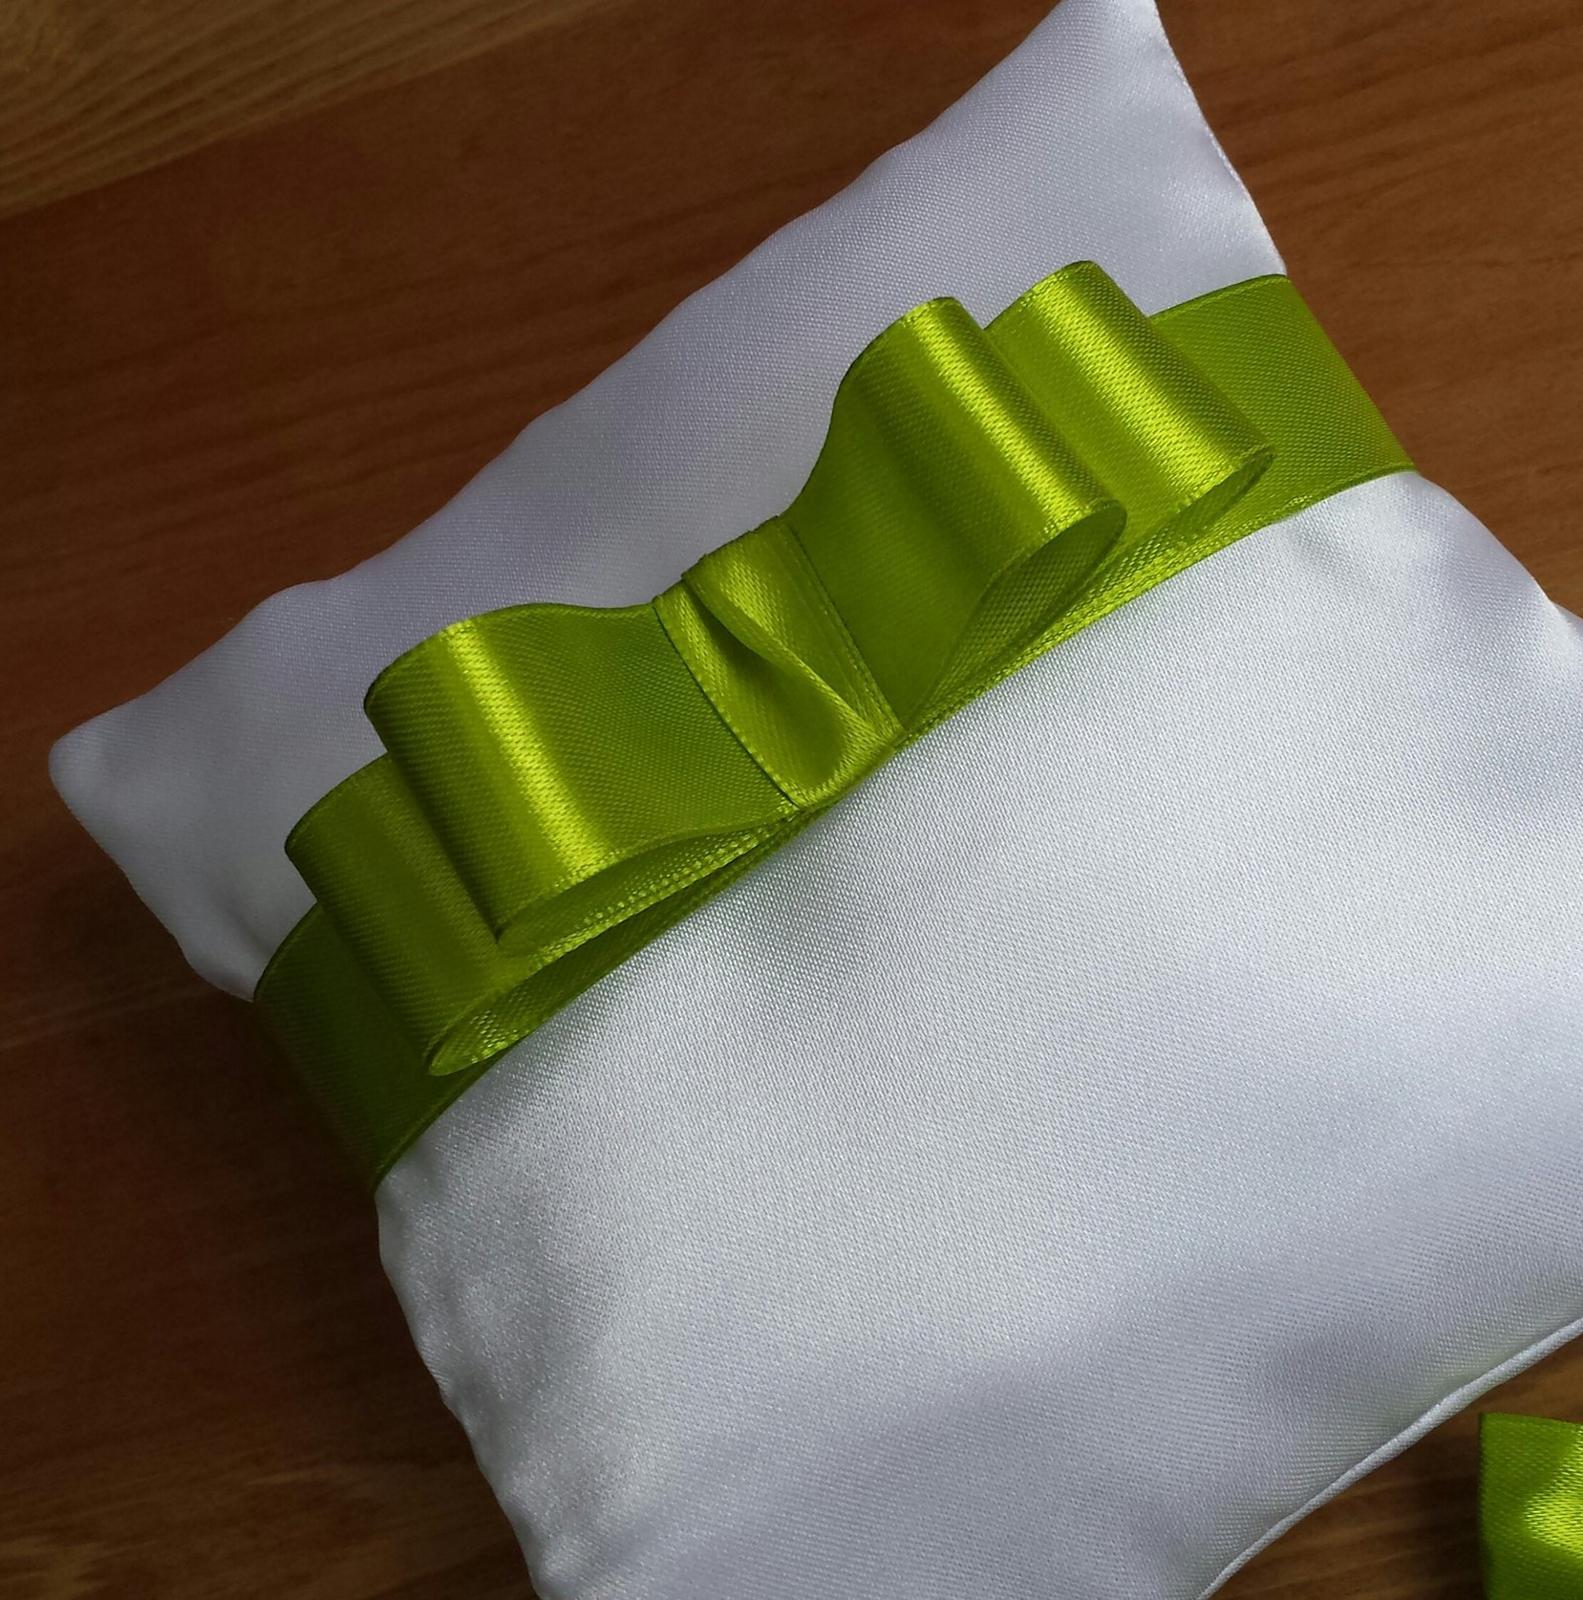 Bílý polštářek pod prstýnky se zelenou mašličkou - Obrázek č. 1